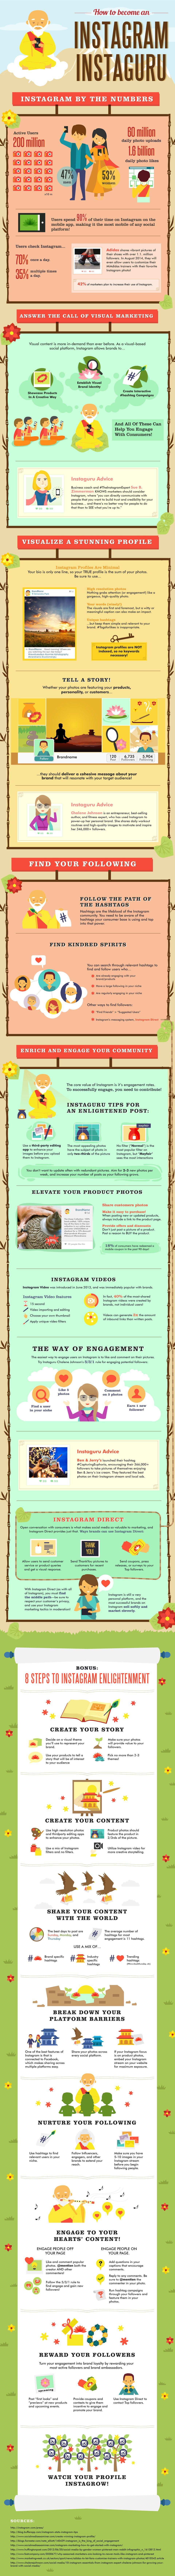 #infografico: como ser bem-sucedido no Instagram http://wp.me/p4UNsr-2vf #instagram #imagem #redesocial